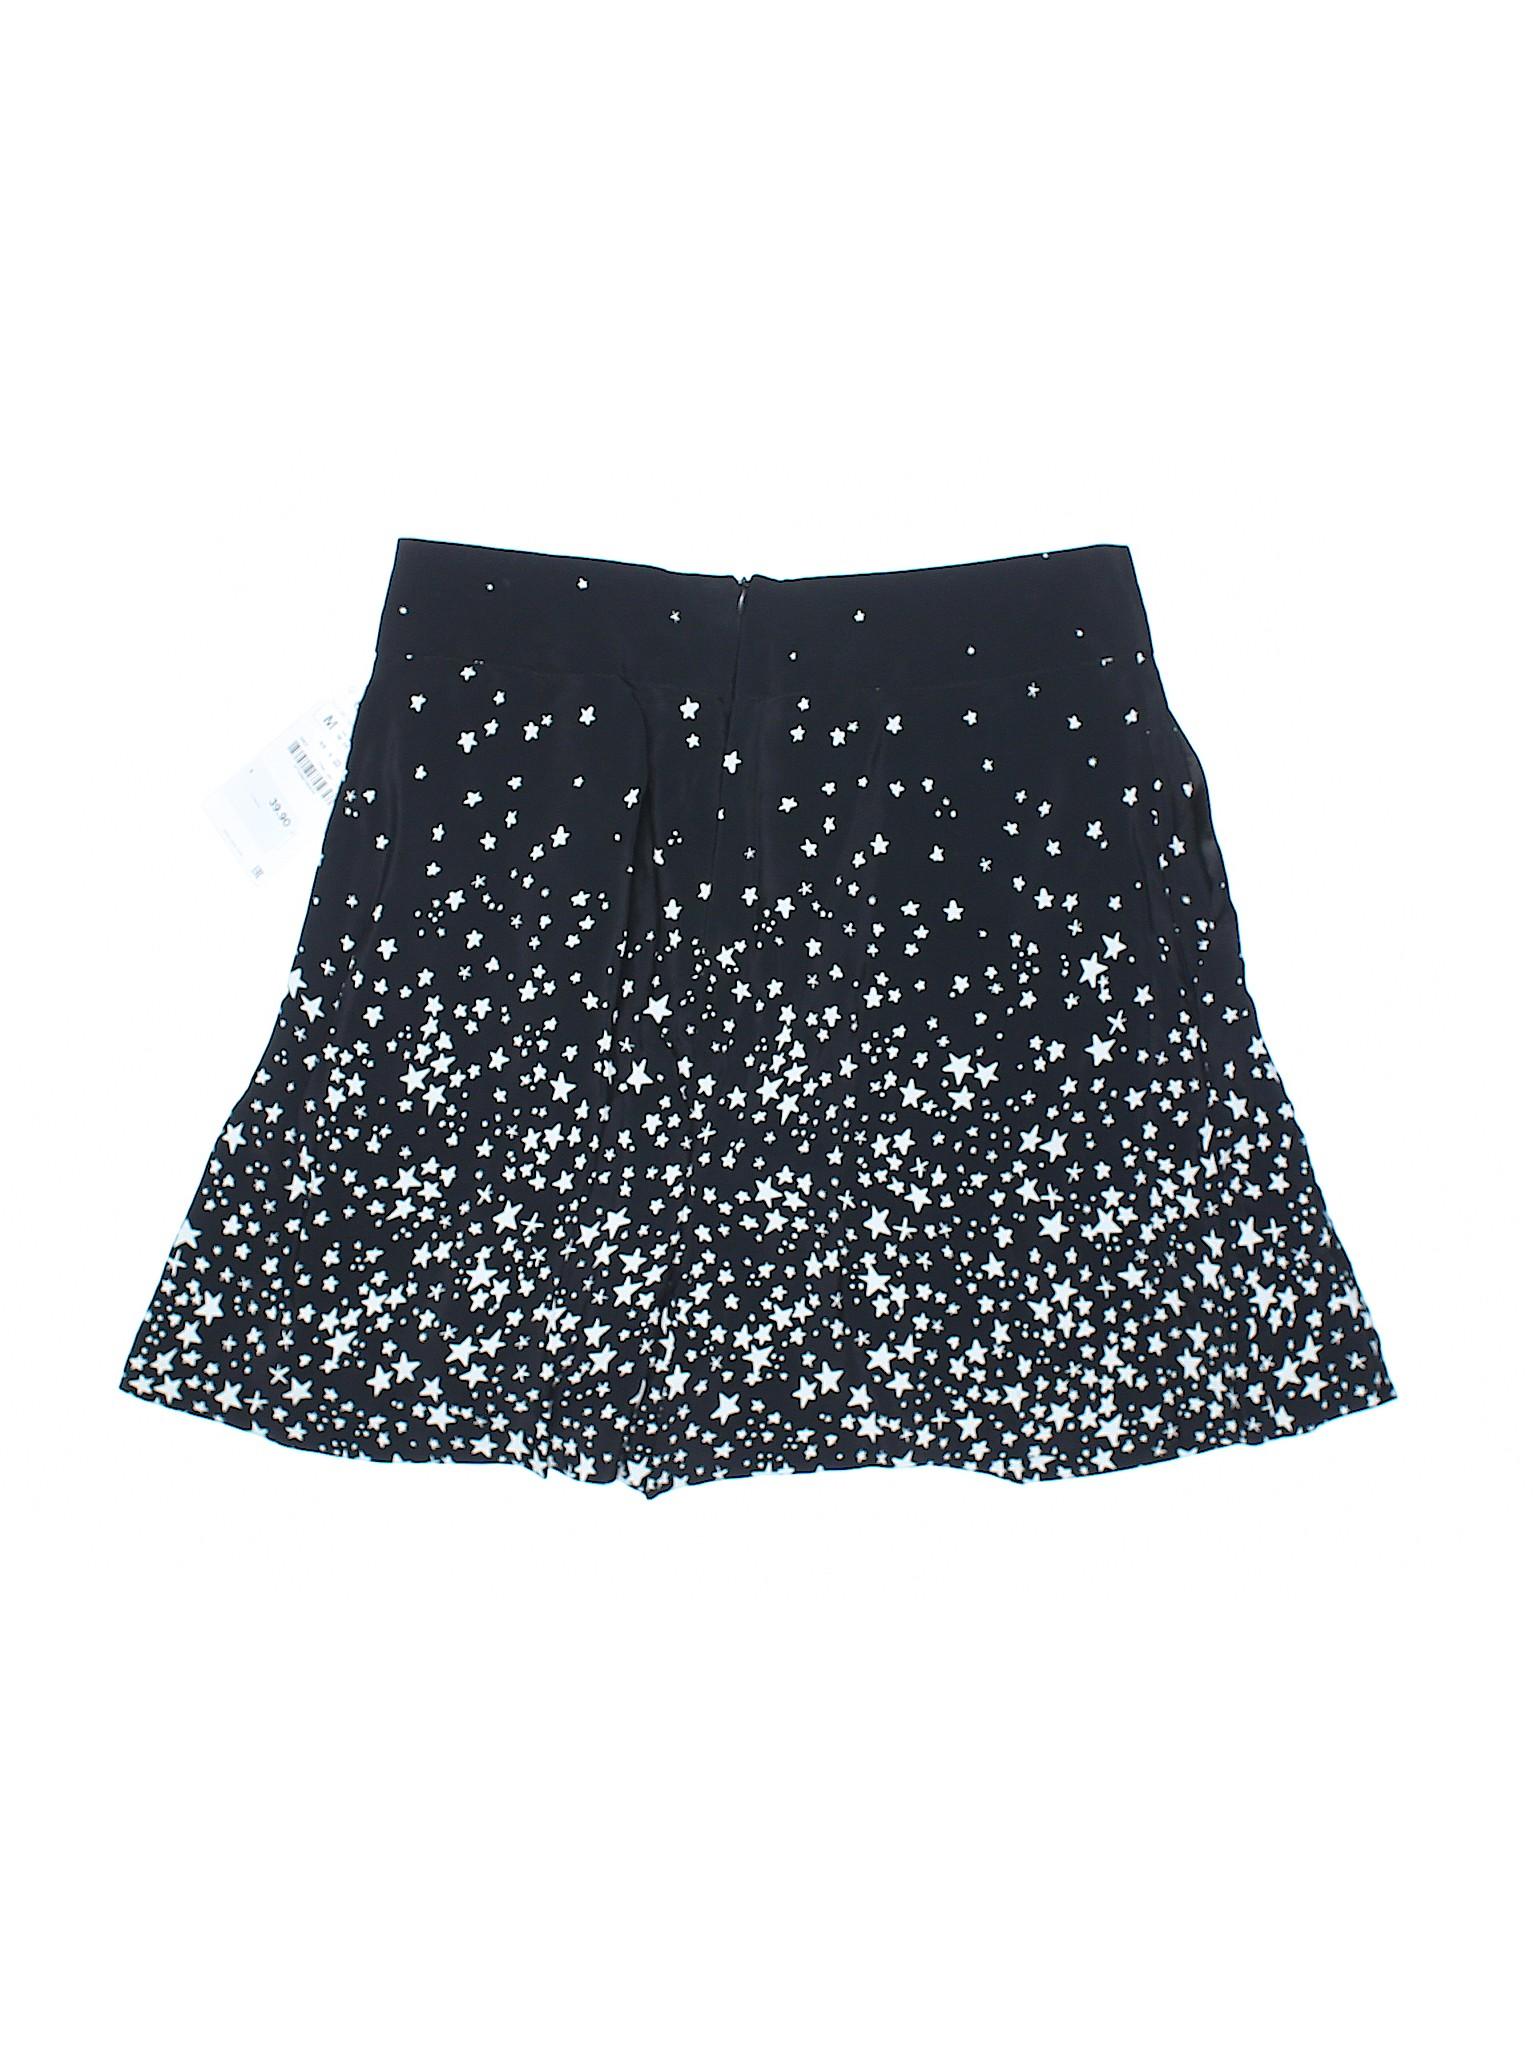 Boutique Shorts Basic Zara Dressy Dressy Shorts Boutique Basic Zara Boutique SEwFzqw